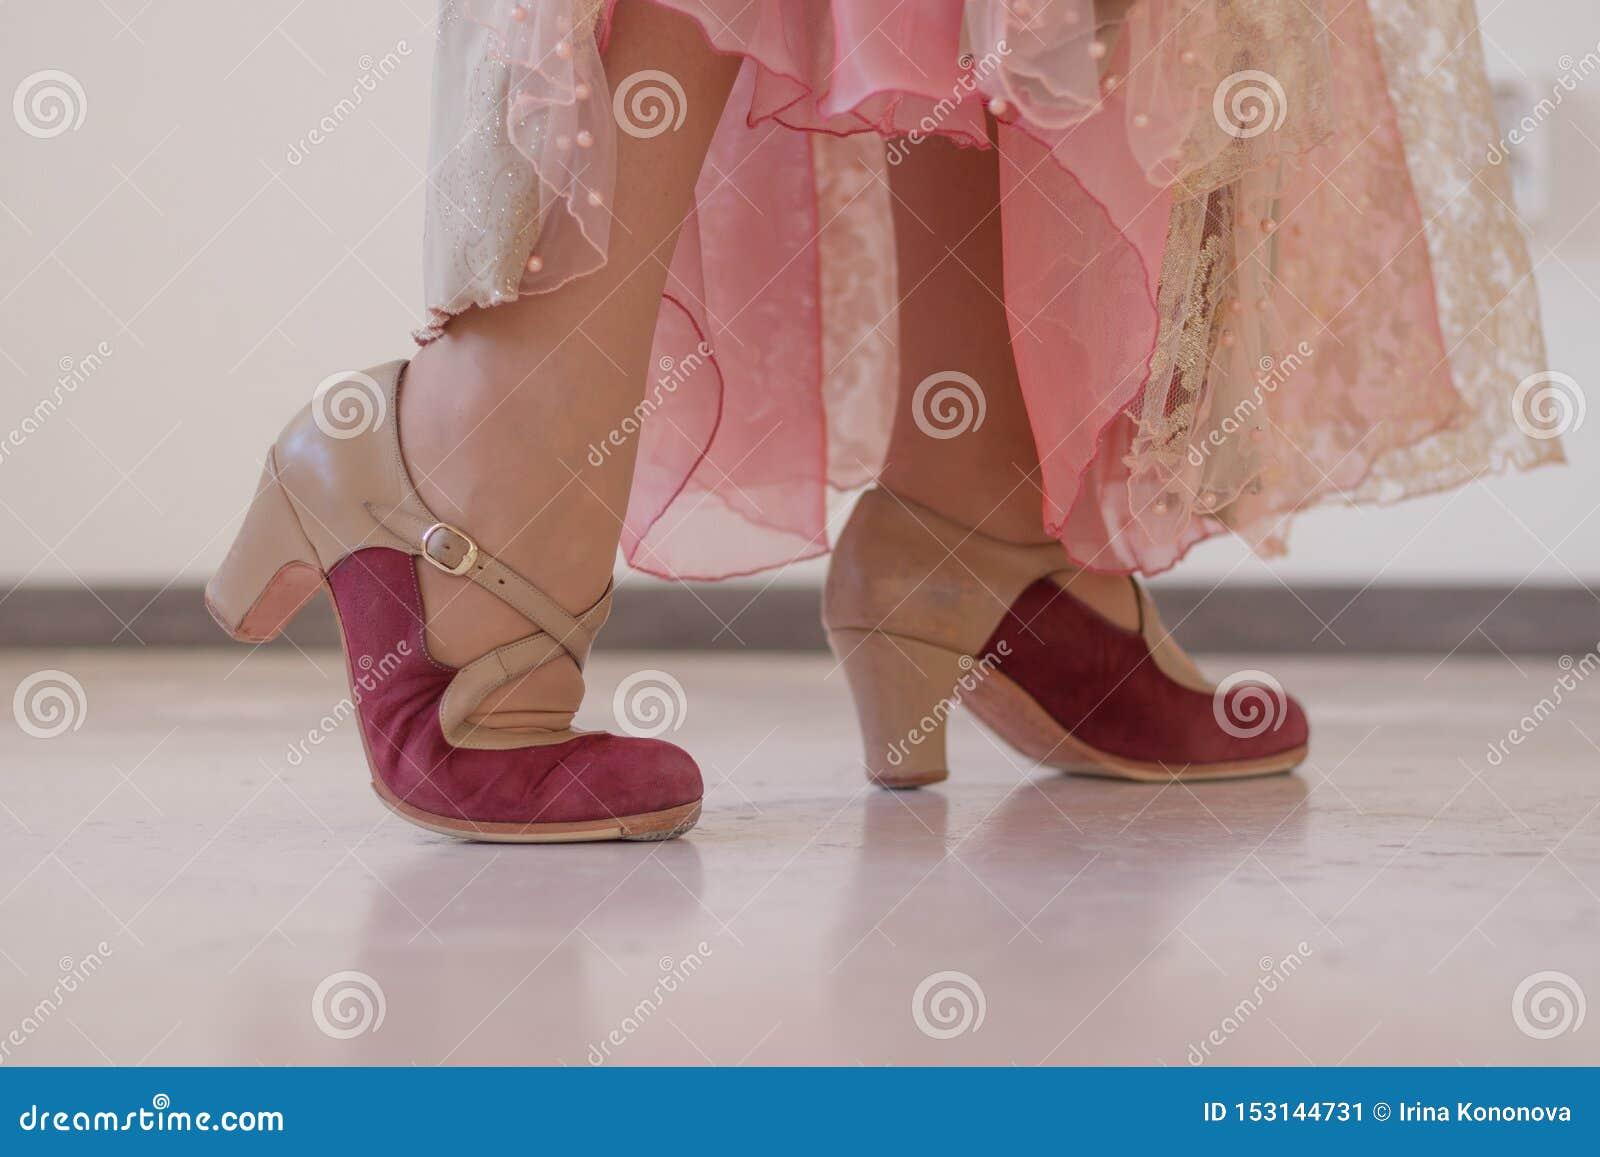 Rosa e sapatas bege para a dança do flamenco nos pés das mulheres